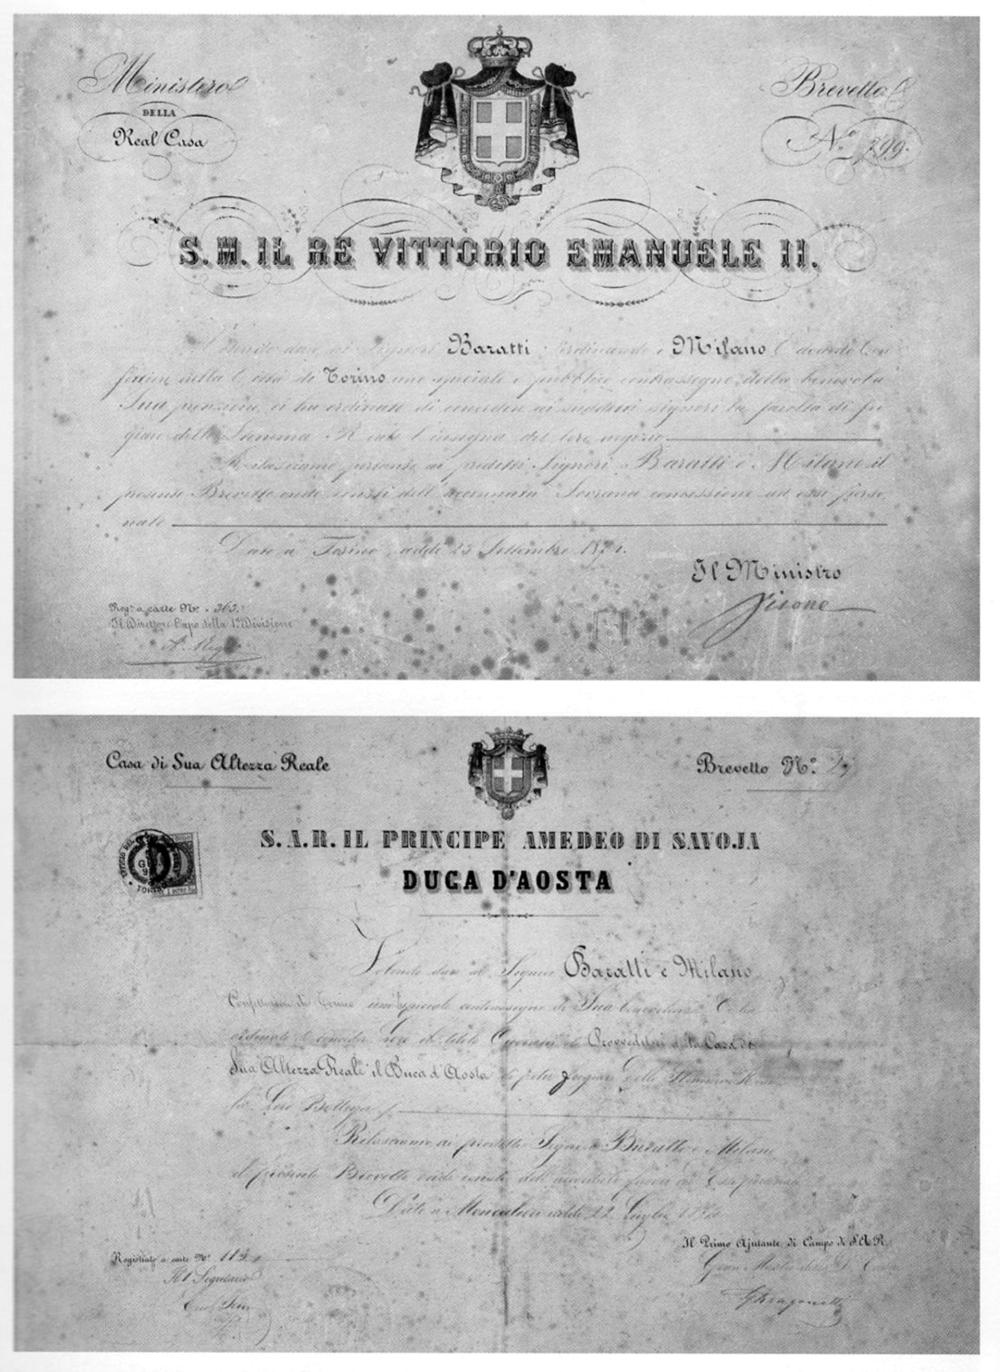 Brevetti per l'uso degli stemmi dinastici nelle insegne del negozio, Bra, Stabilimento Baratti & Milano, Archivio Storico